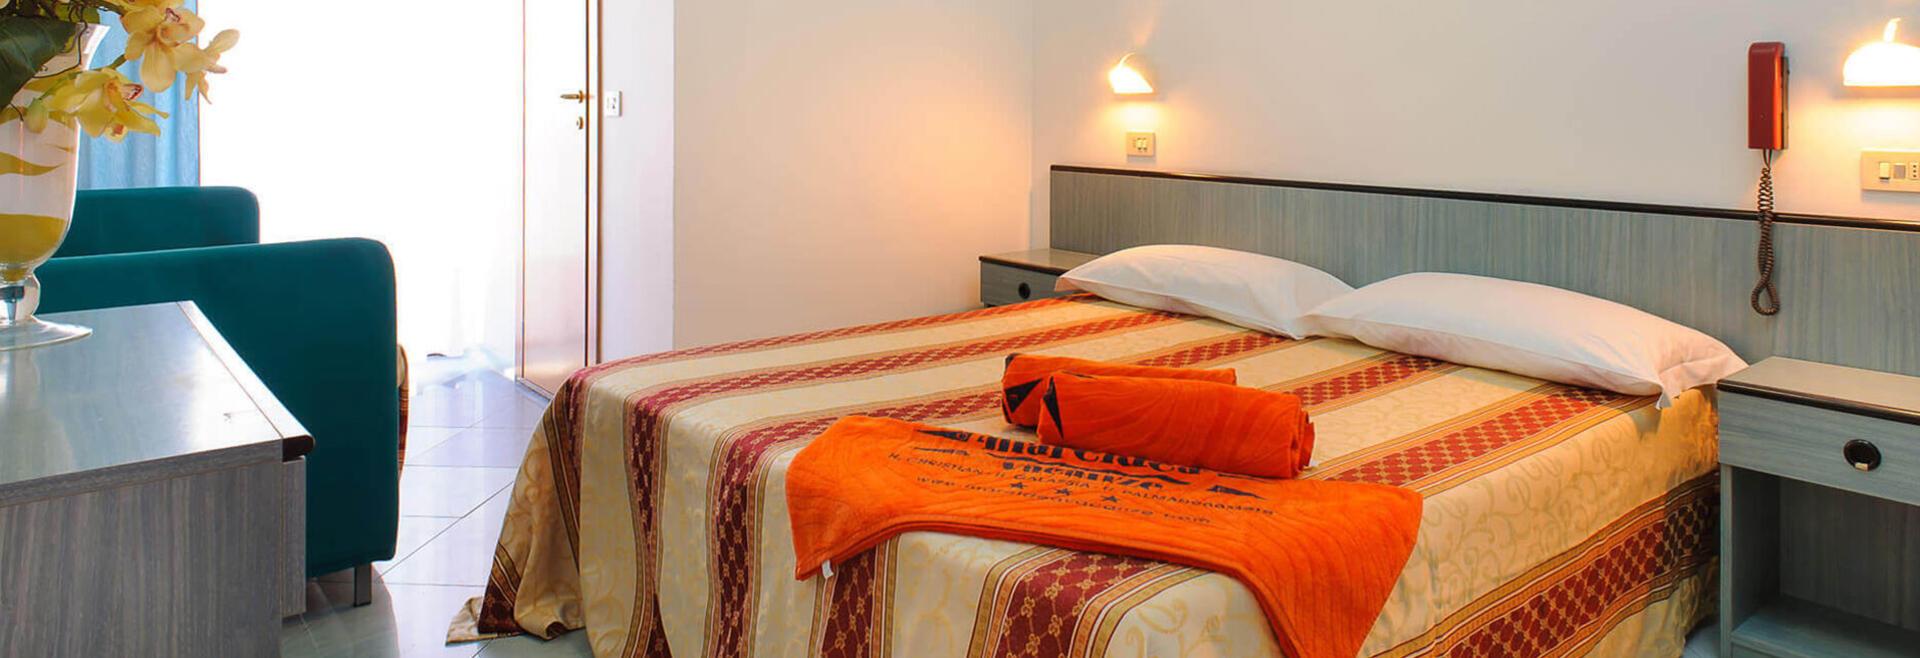 hotelchristianrimini it home 017